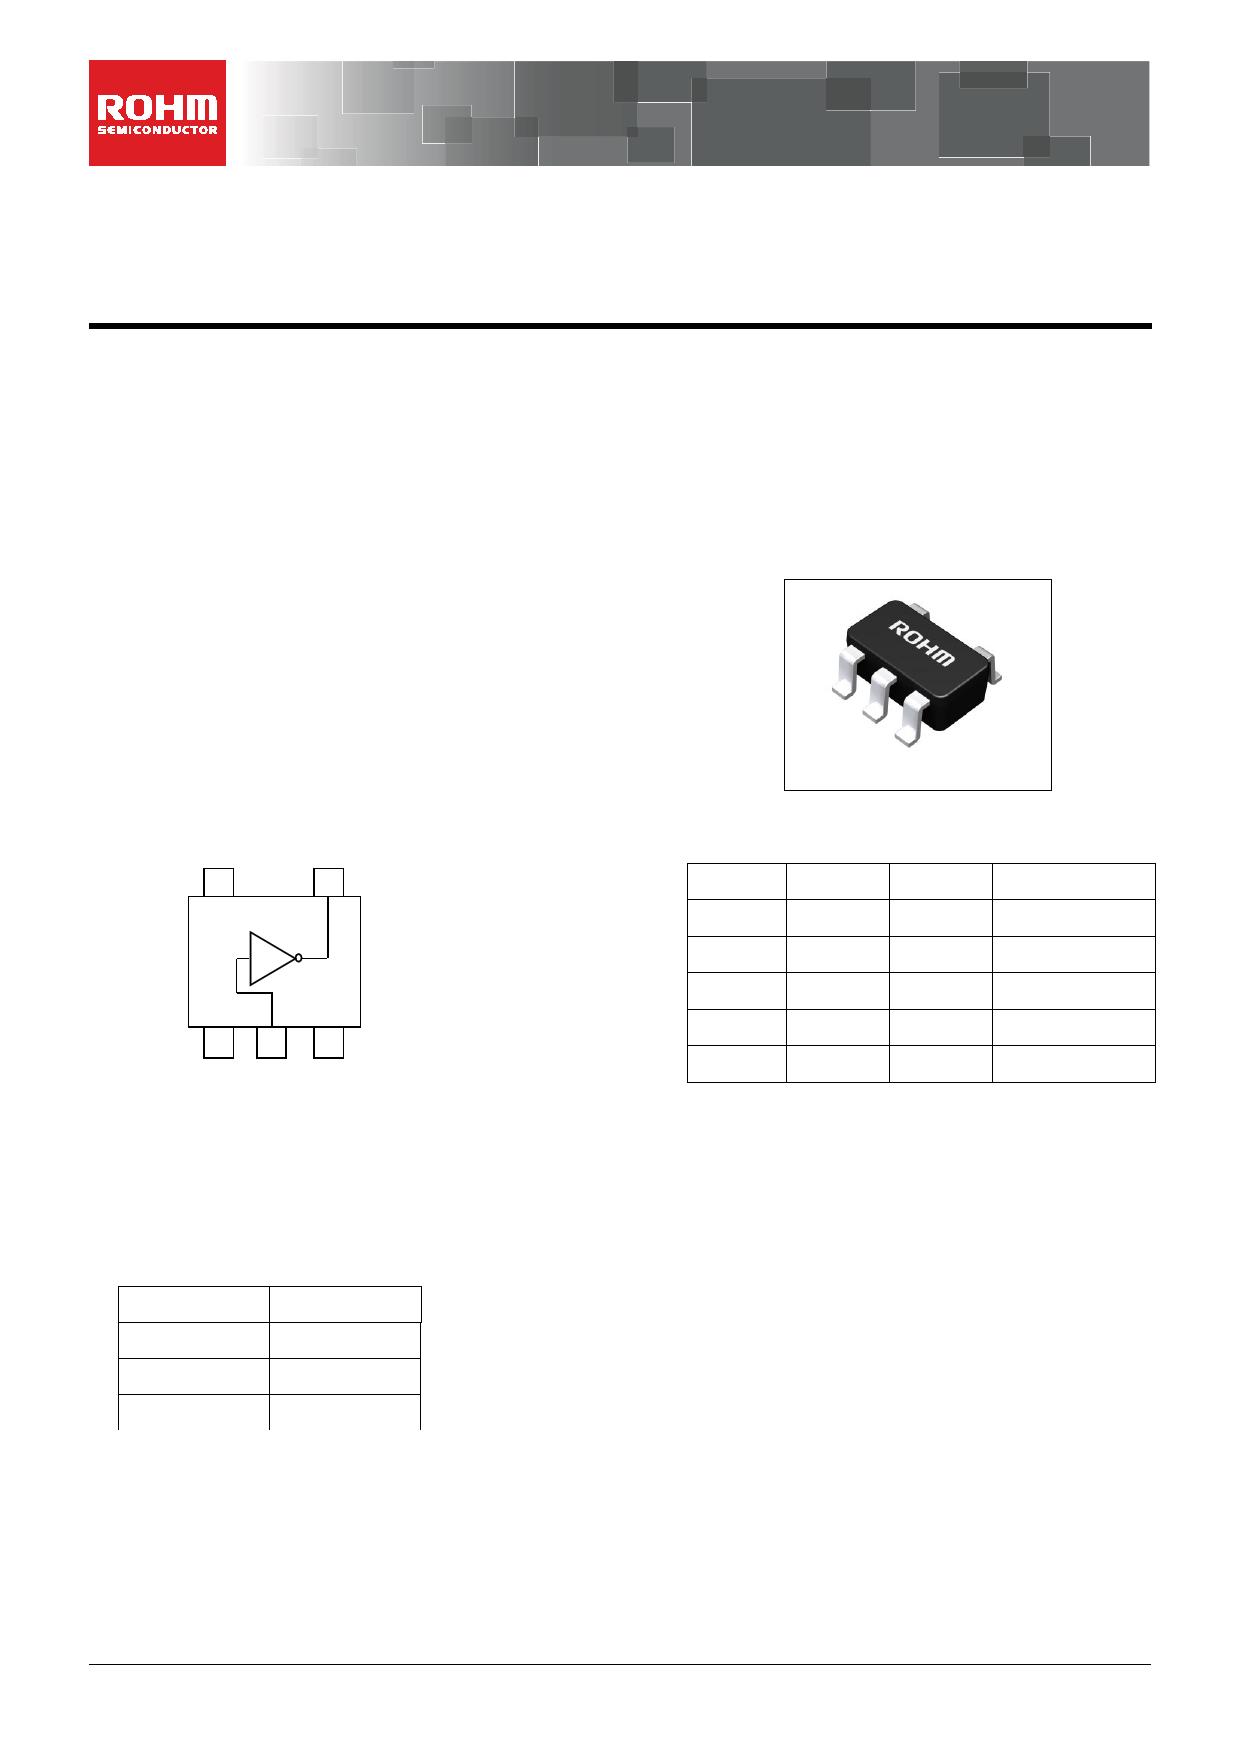 bu4su69g2 datasheet pdf   pinout